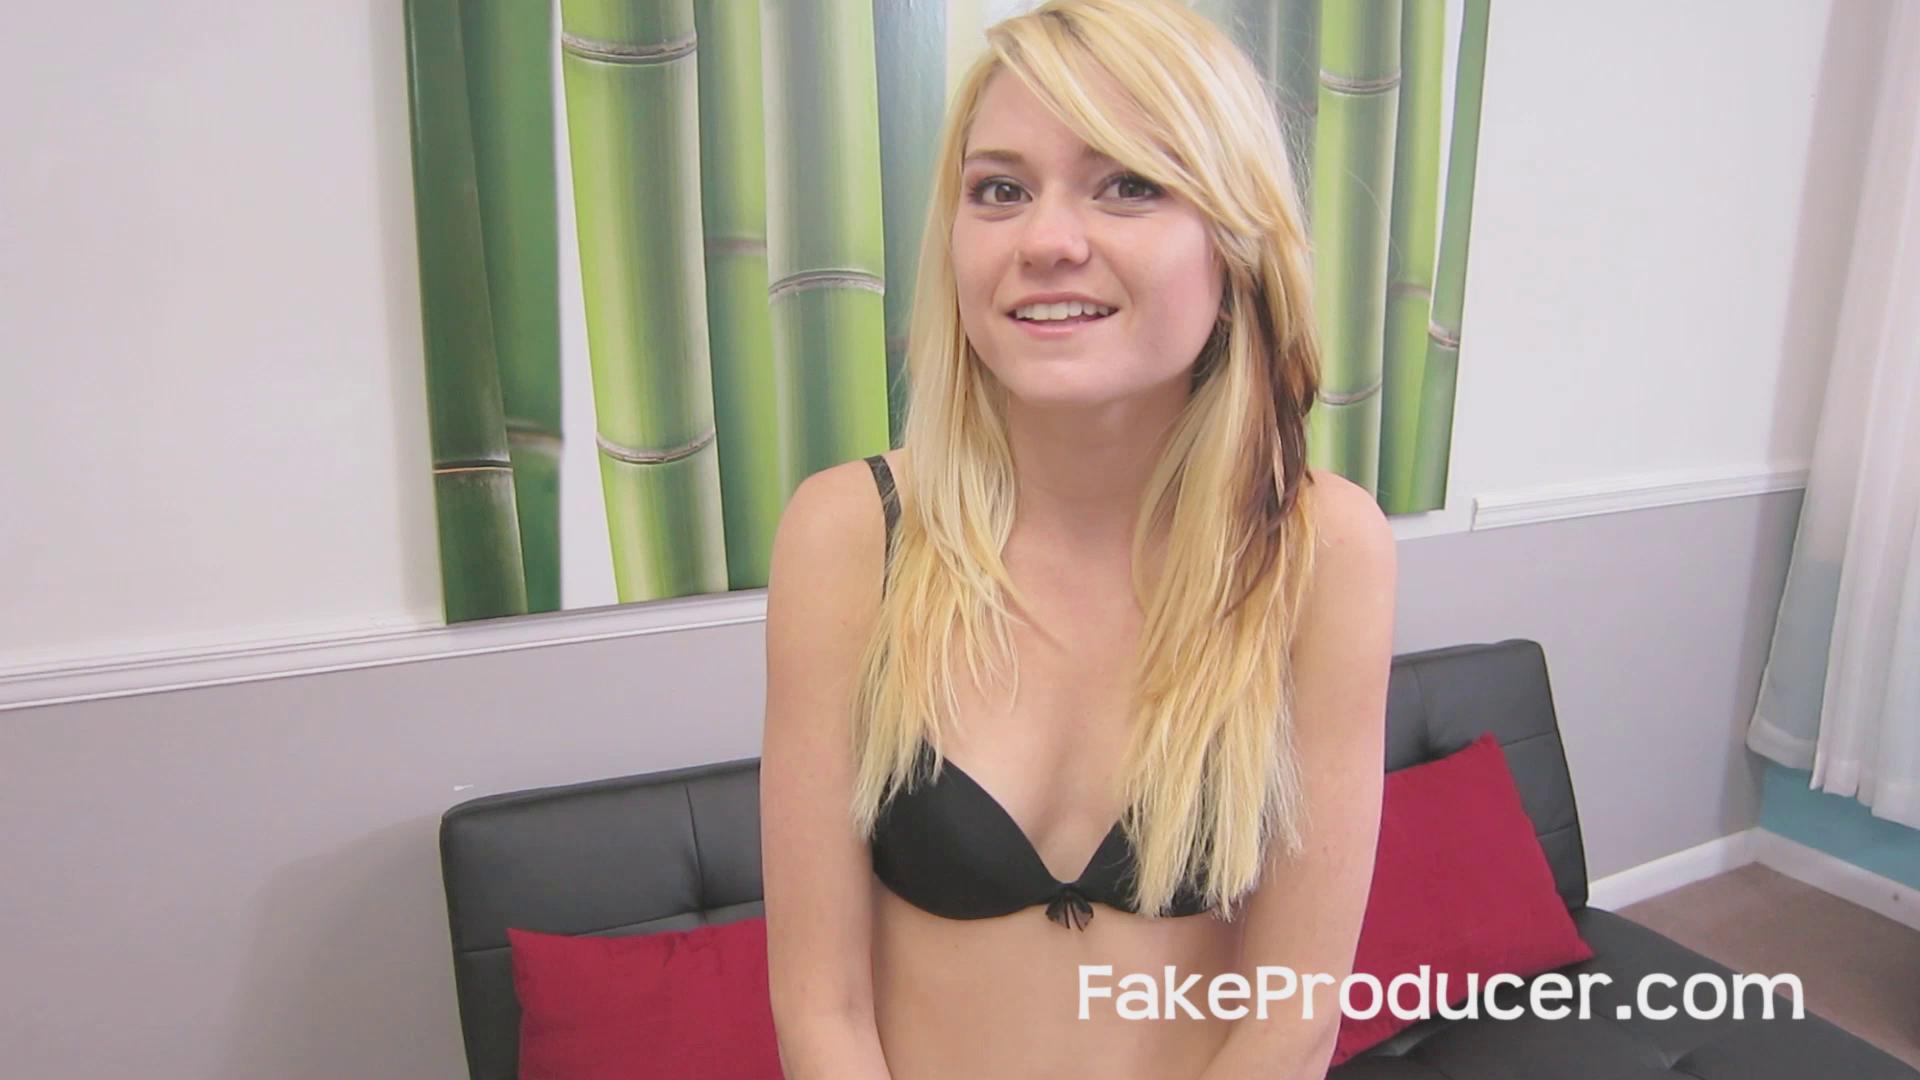 FakeProducer E02 Chloe